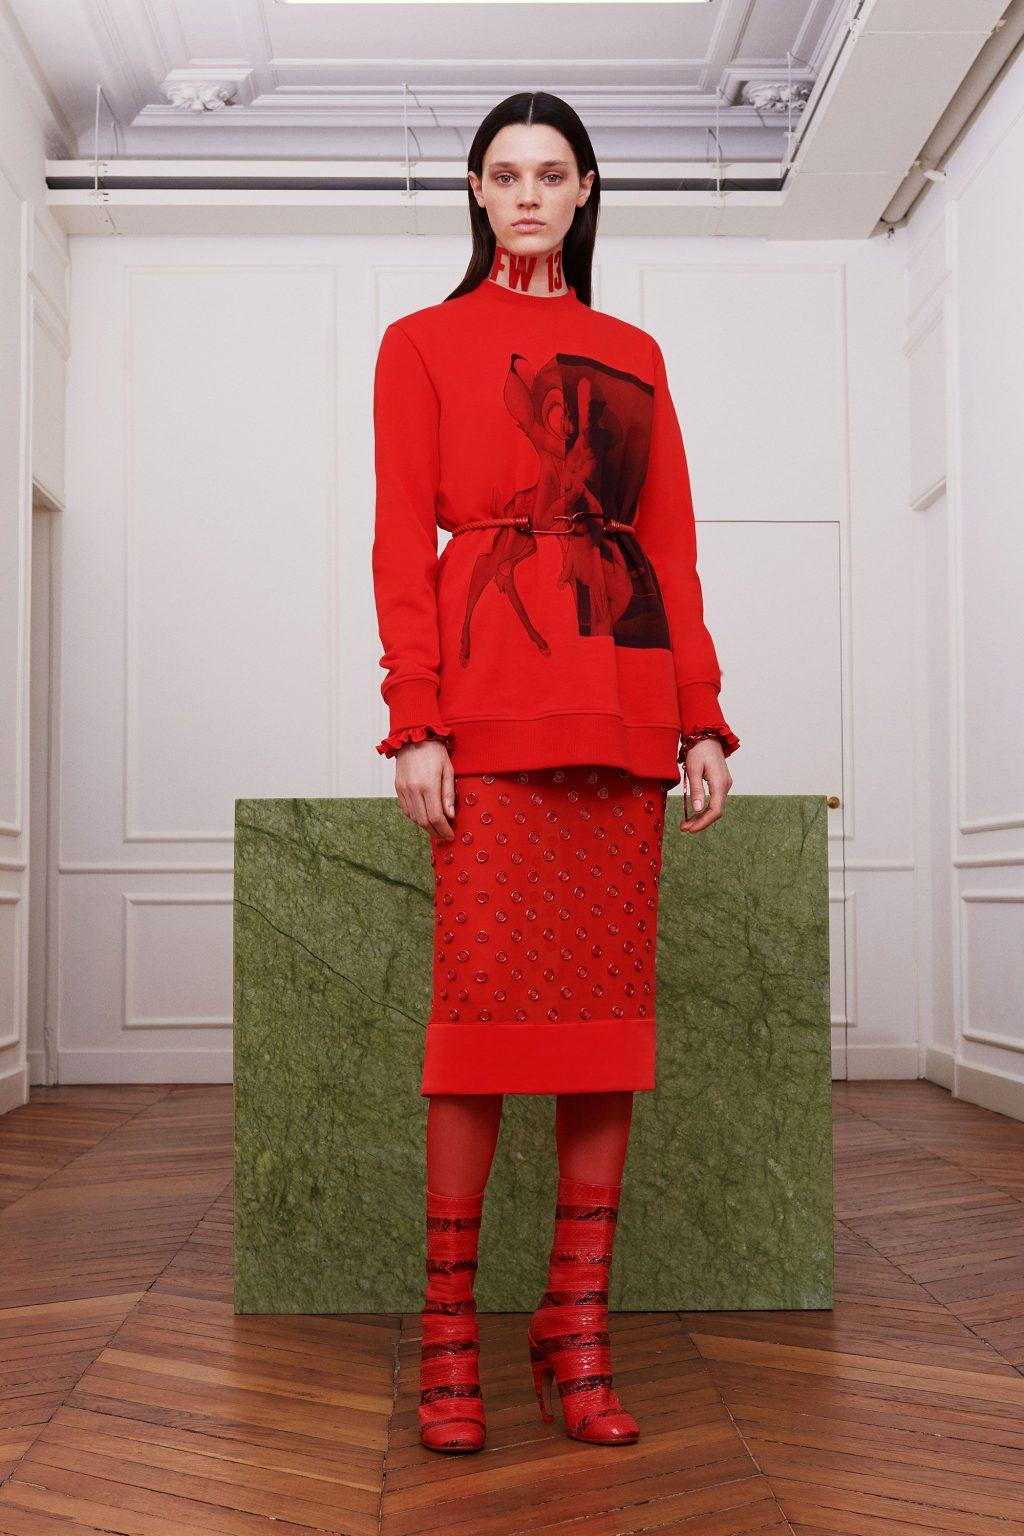 Ý nghĩa sắc đỏ mang đến cho trang phục màu đỏ 3